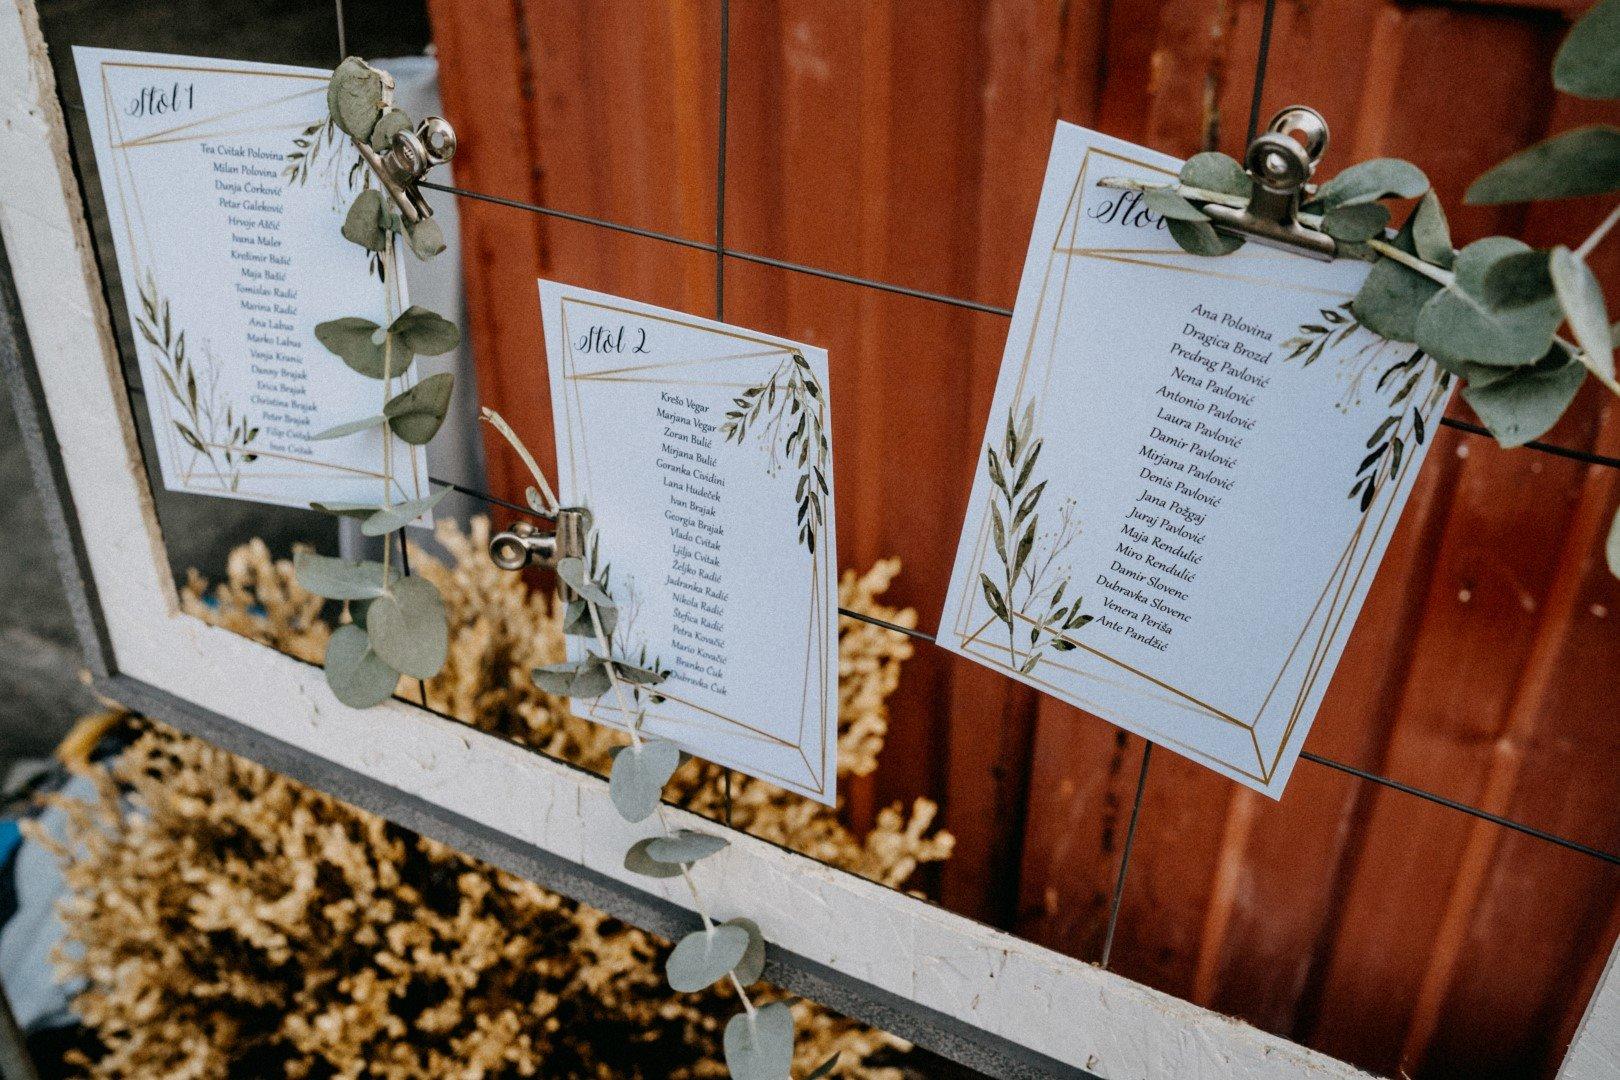 online upoznavanje tema vjenčanja druženje s sporim tempom